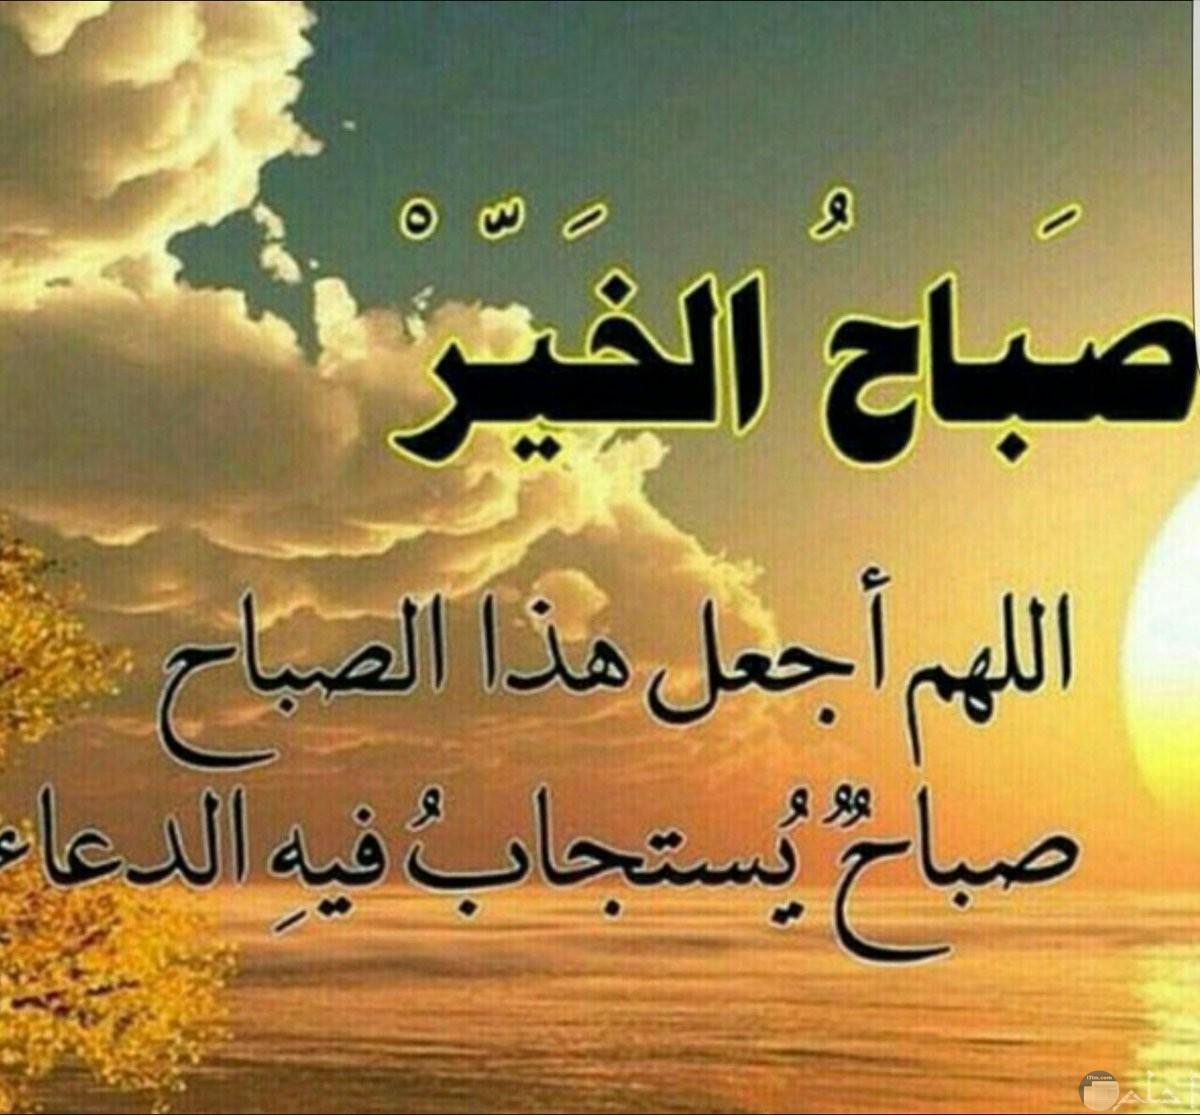 دعاء للصباح و طلب الإجابة من الله.